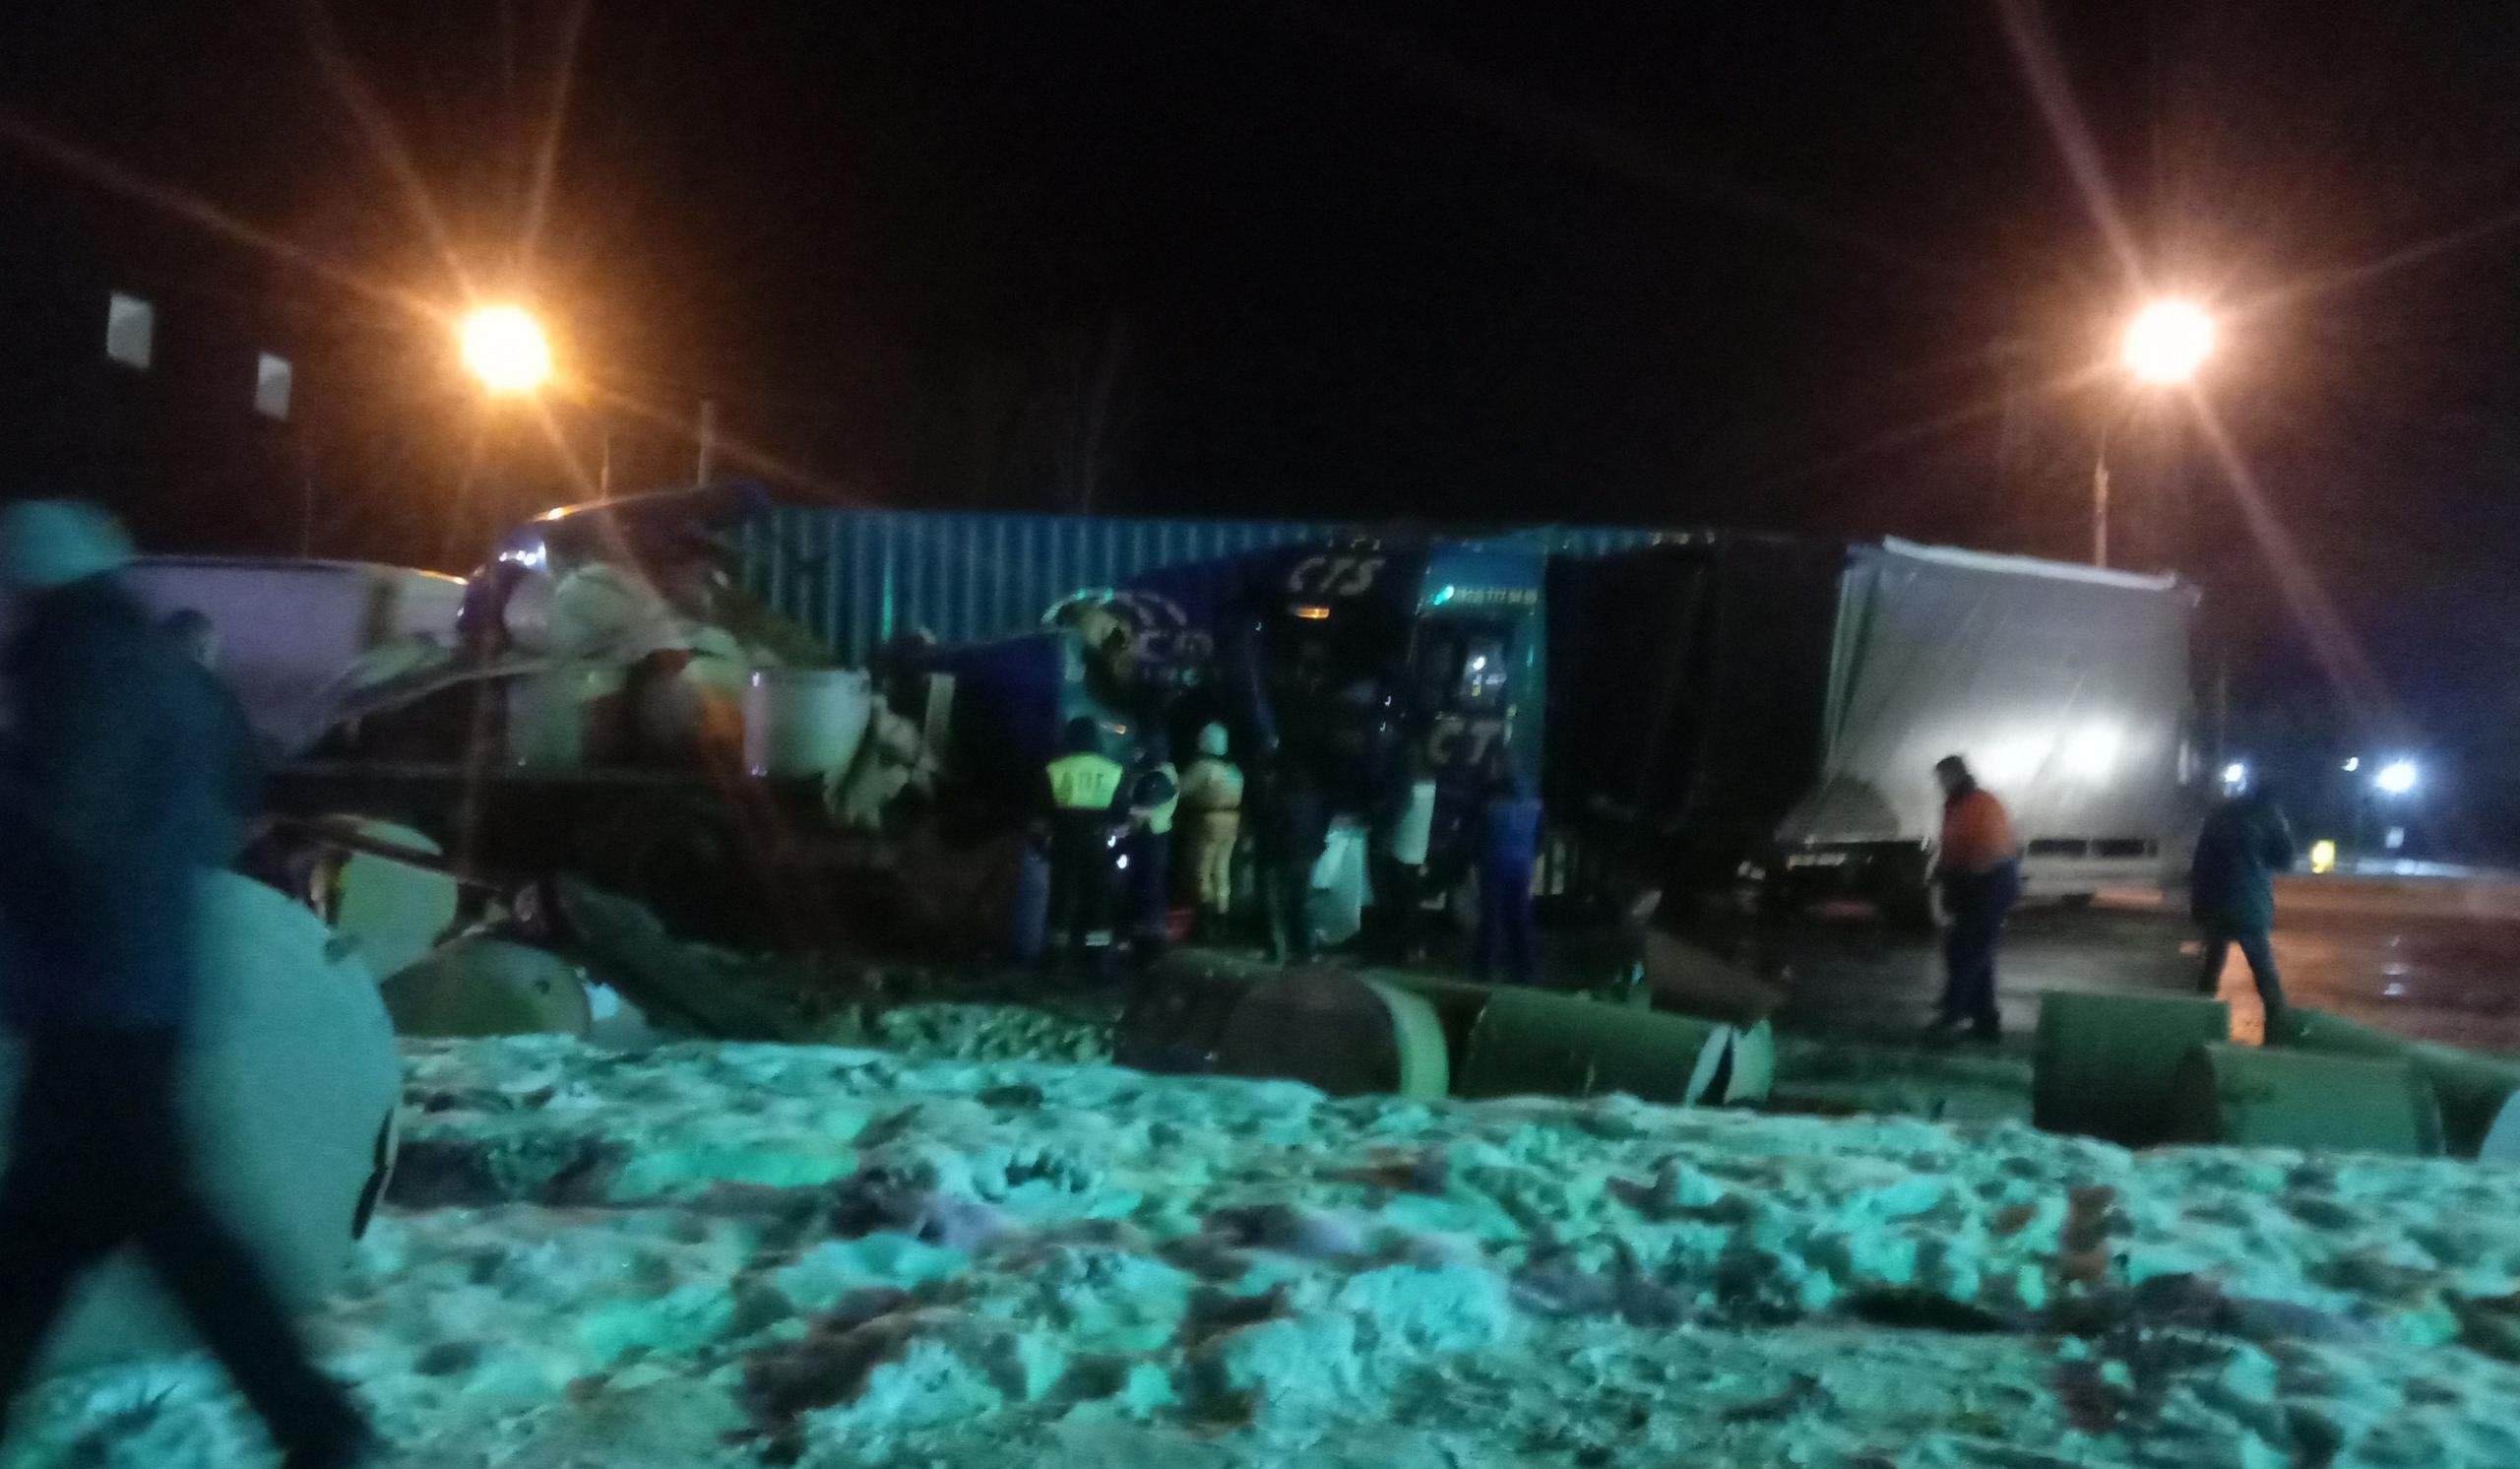 Смертельное ДТП произошло на трассе М-10 в Тверской области, погиб дальнобойщик